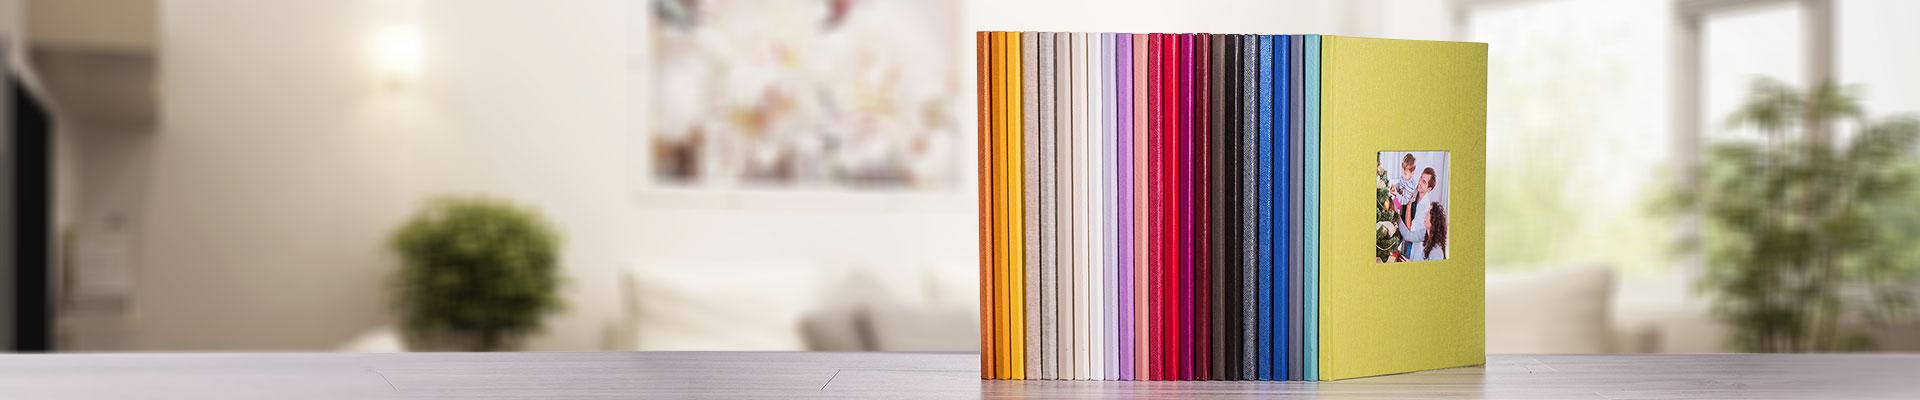 Fotoksiążka na kolorowo